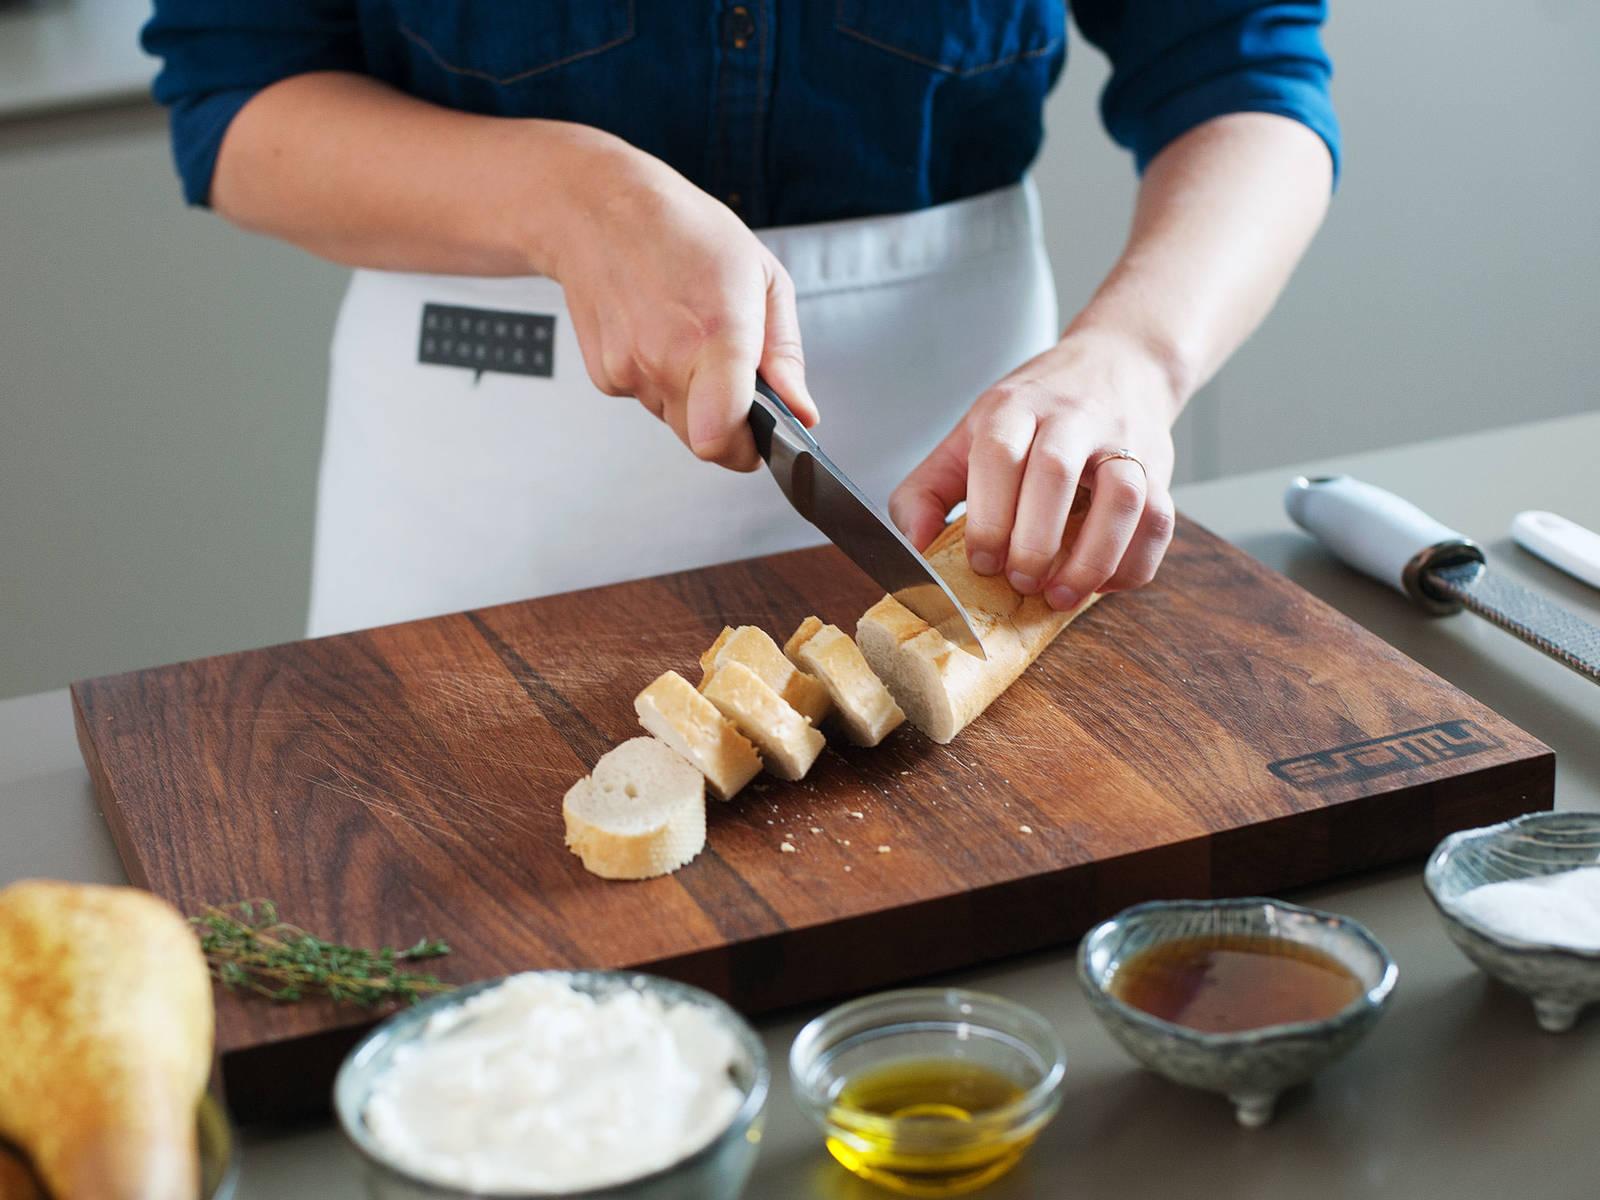 Backofen auf 200°C vorheizen. Baguette in Scheiben schneiden und diese auf einem mit Backpapier ausgelegten Backblech anordnen.